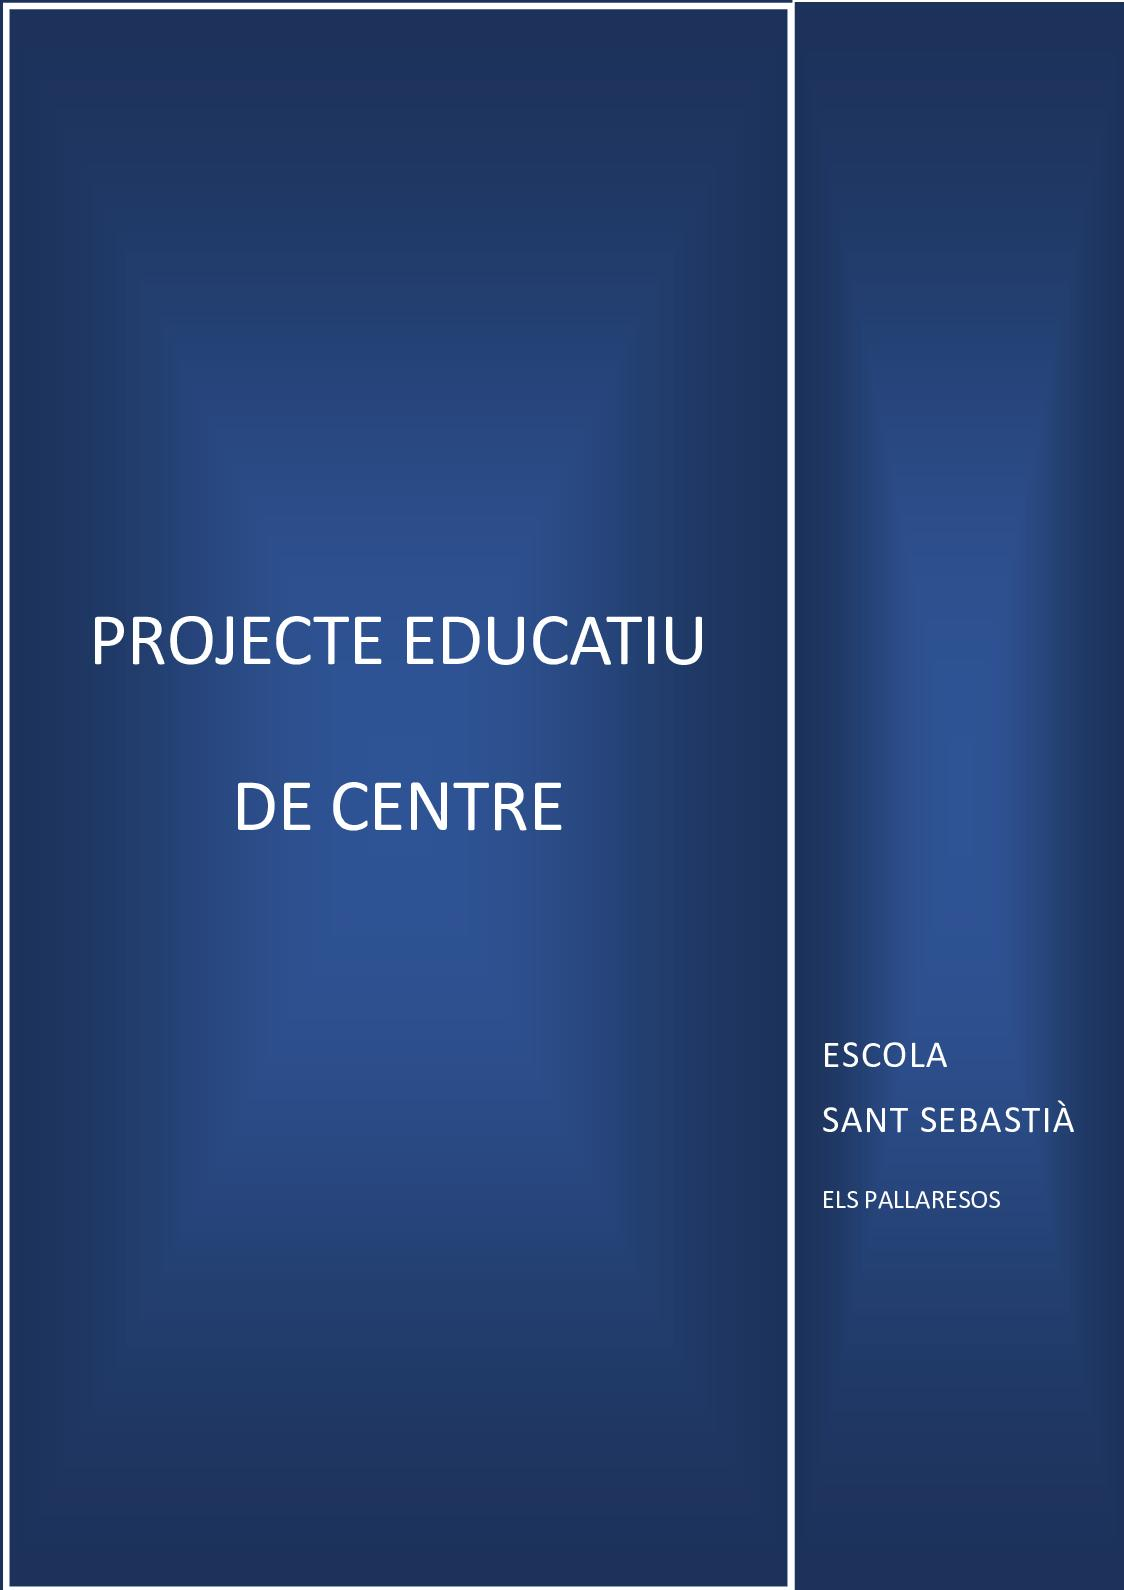 Pec Escola Sant Sebastià 2018